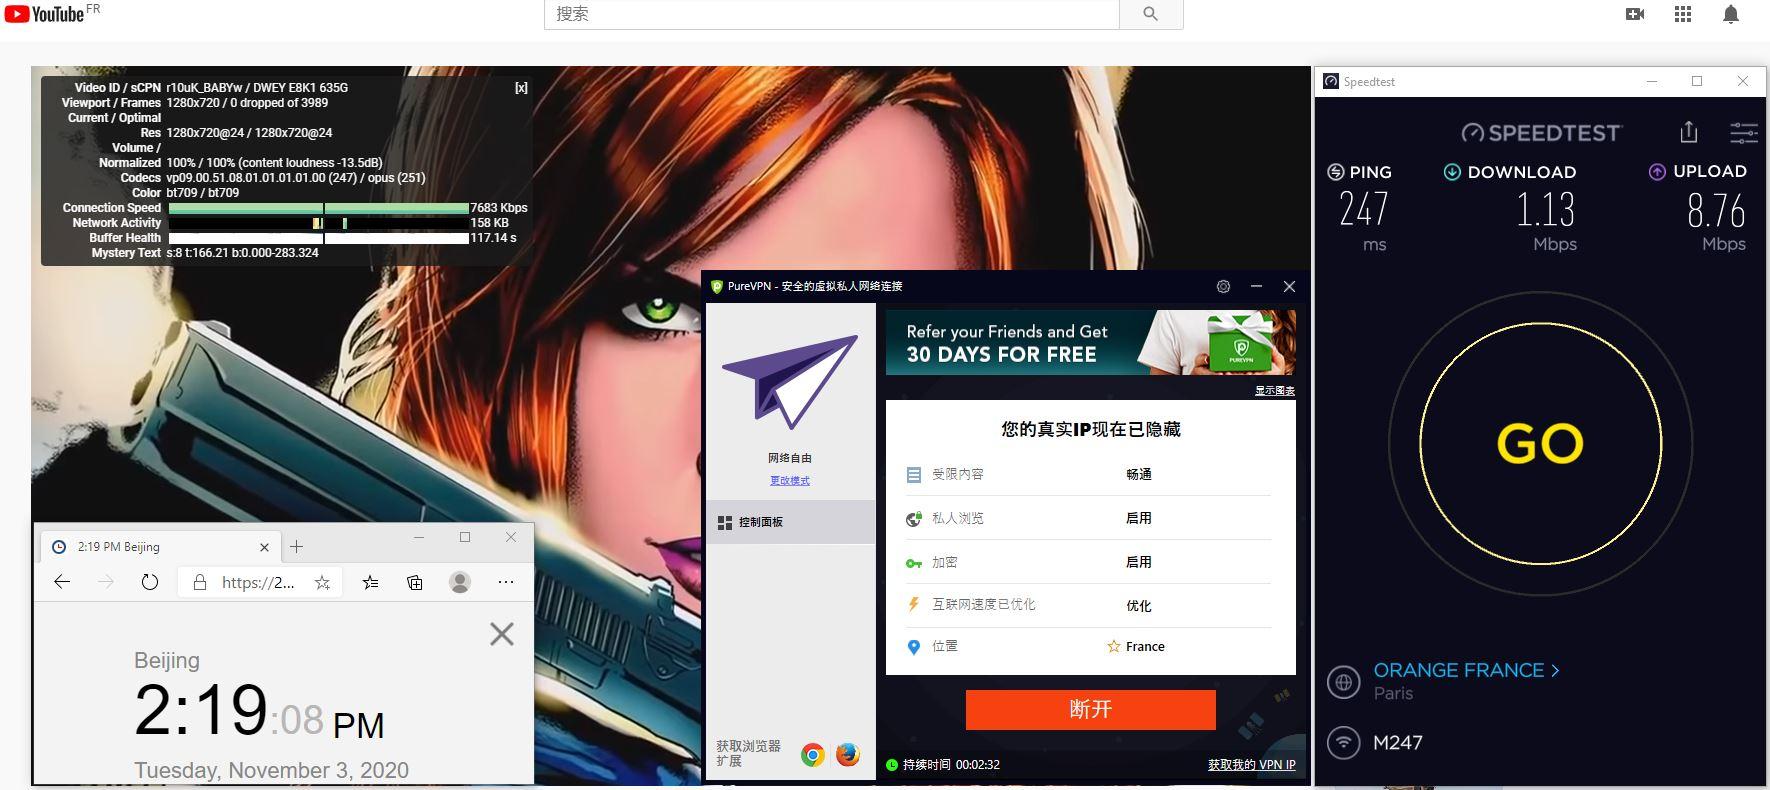 Windows10 PureVPN Automatic France 服务器 中国VPN 翻墙 科学上网 测试 - 20201103